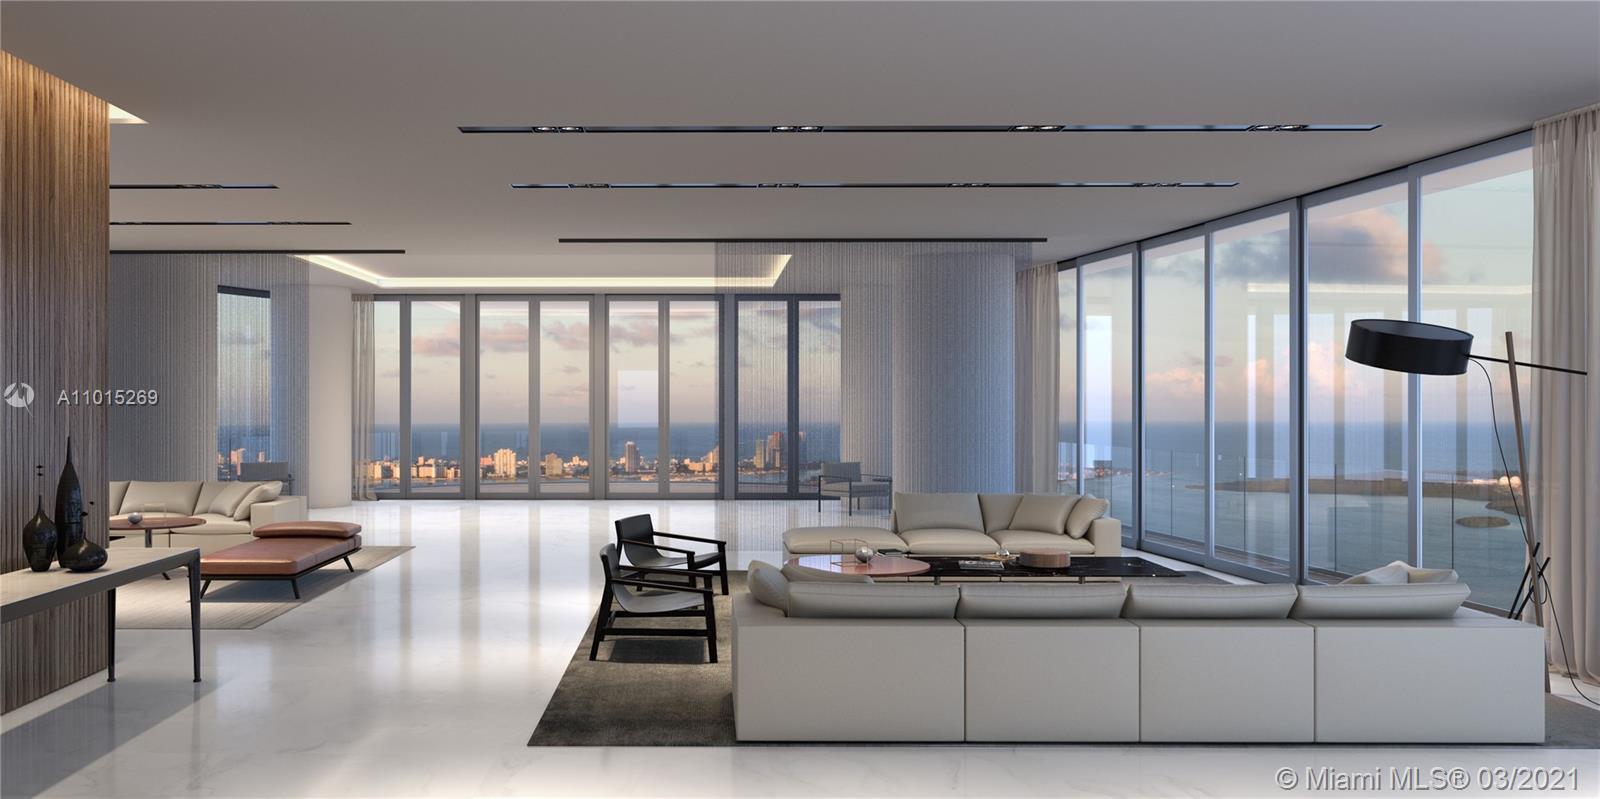 300 Biscayne Blvd Way, Unit #2601 Luxury Real Estate